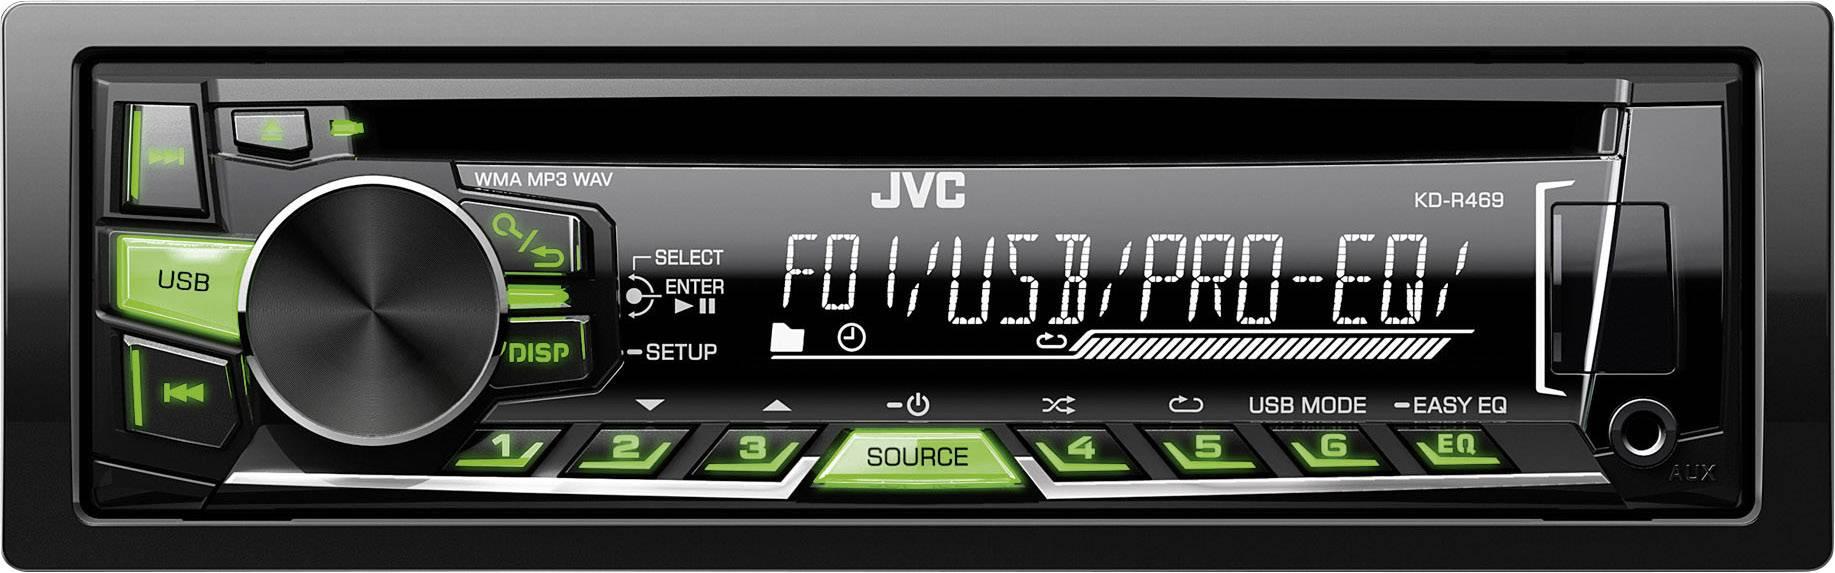 hight resolution of jvc kd r310 wiring diagram nemetas aufgegabelt info automotive wiring harness jvc kd r310 wiring harness